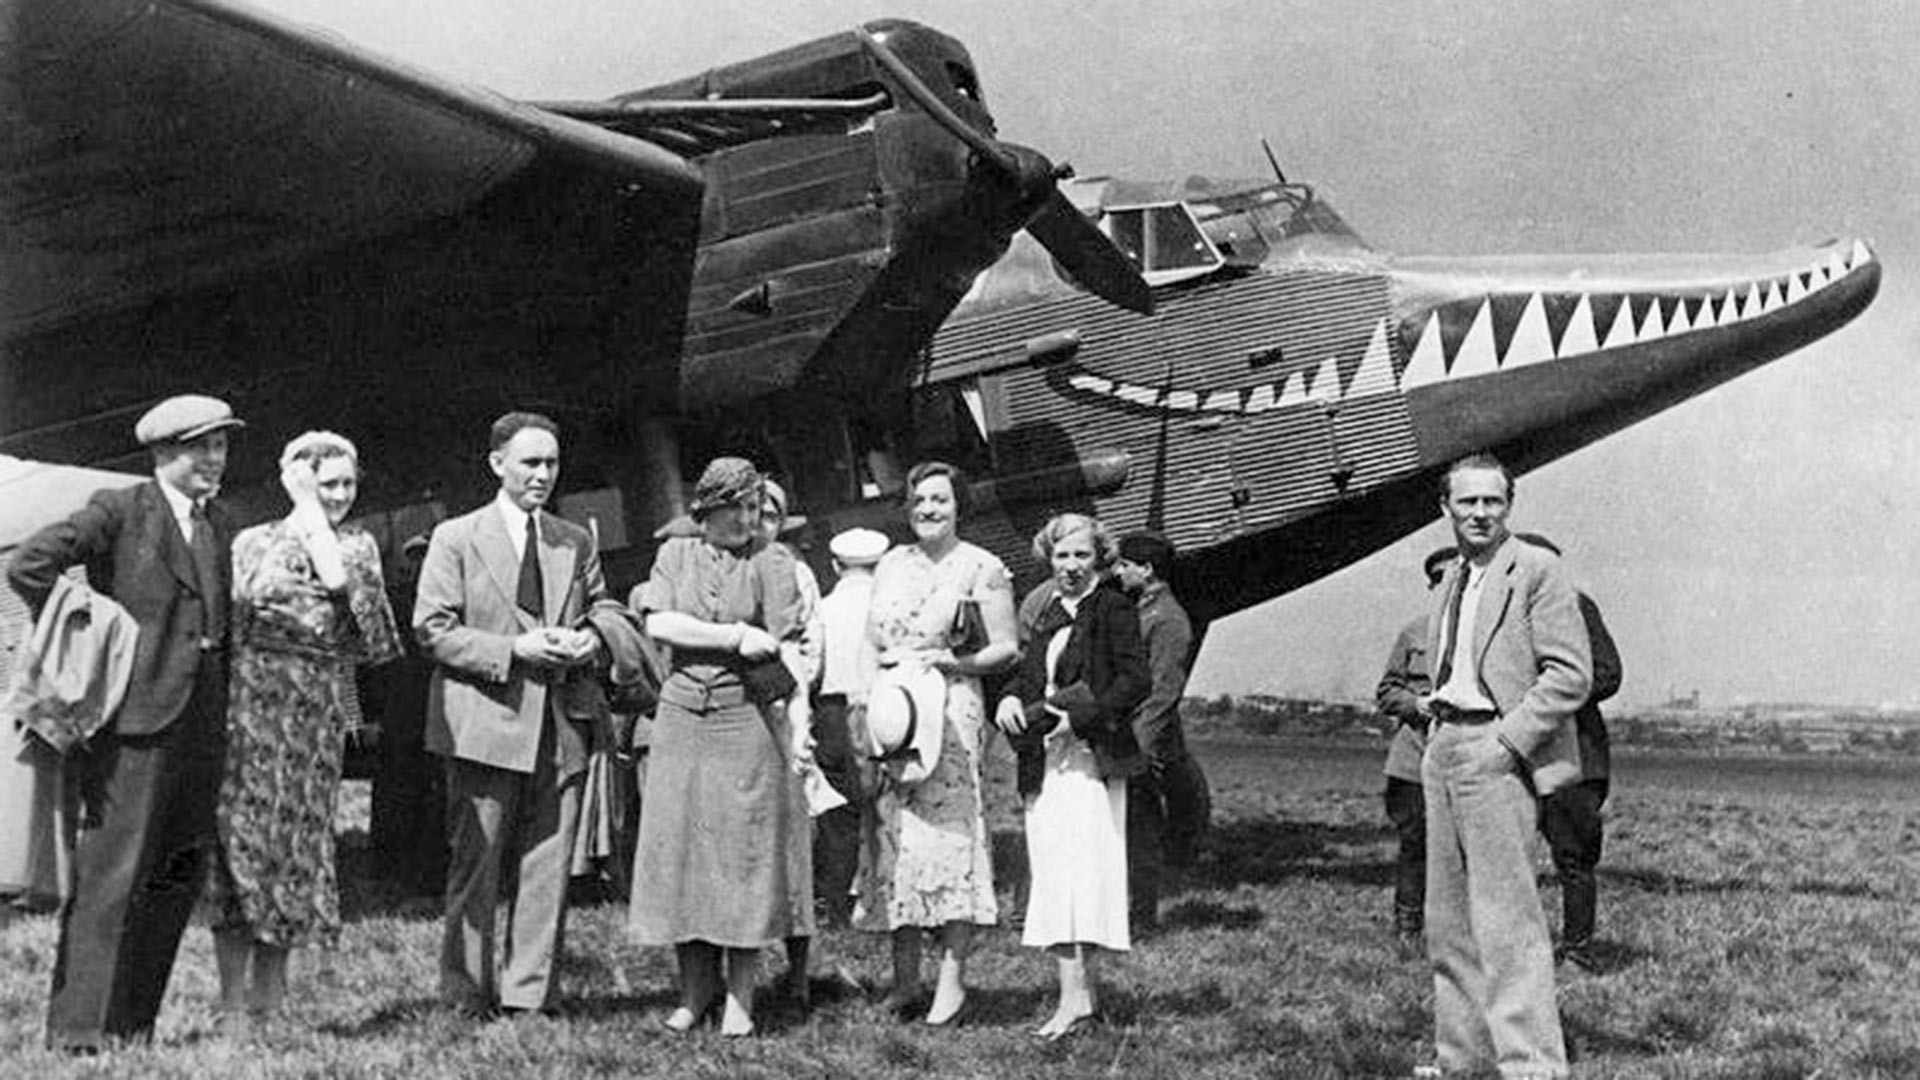 雑誌『クロコジール』の扇動隊とANT-9飛行機